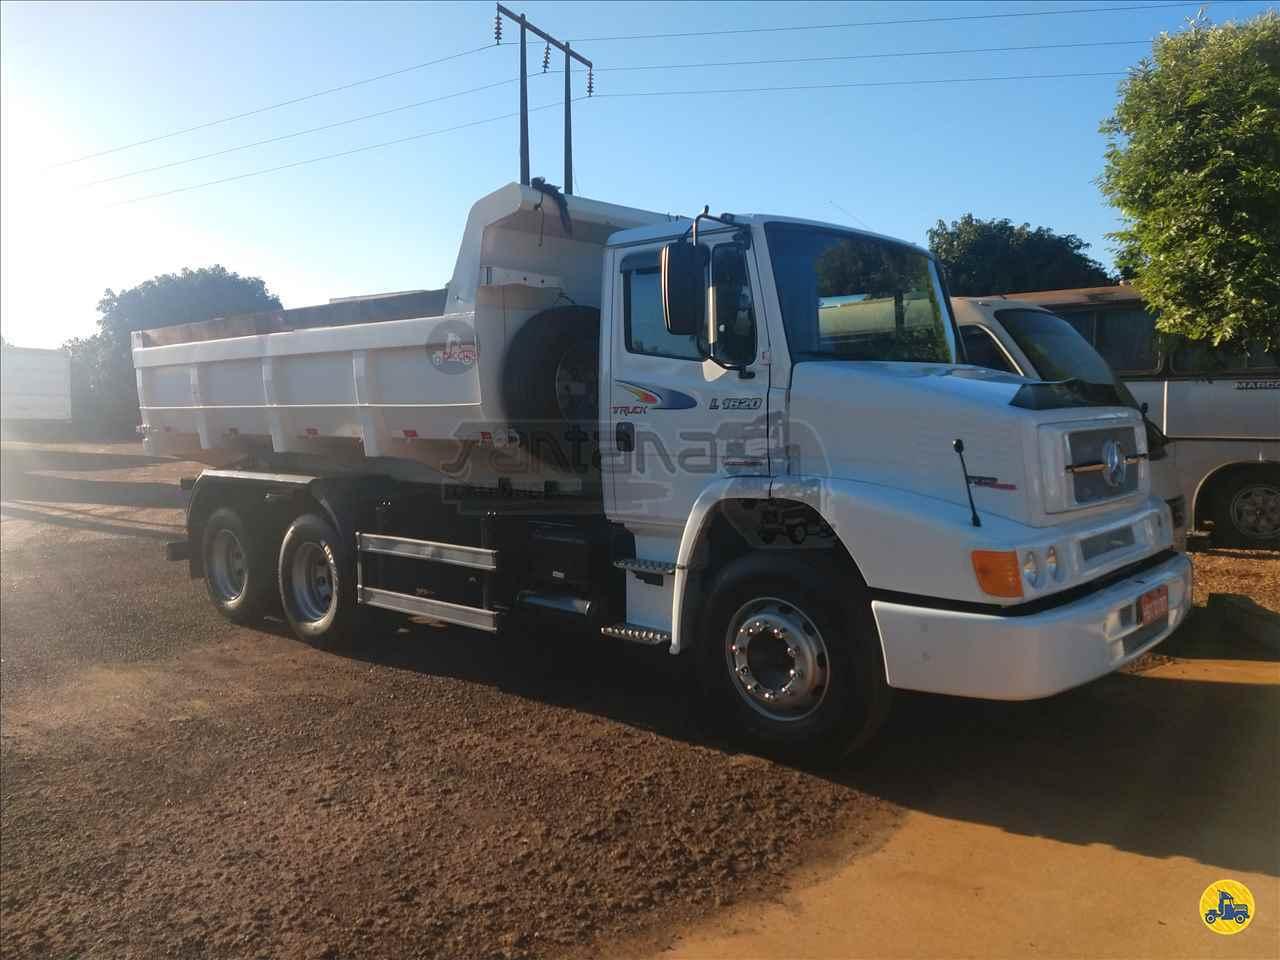 CAMINHAO MERCEDES-BENZ MB 1620 Caçamba Basculante Truck 6x2 Santana Caminhões DOURADOS MATO GROSSO DO SUL MS